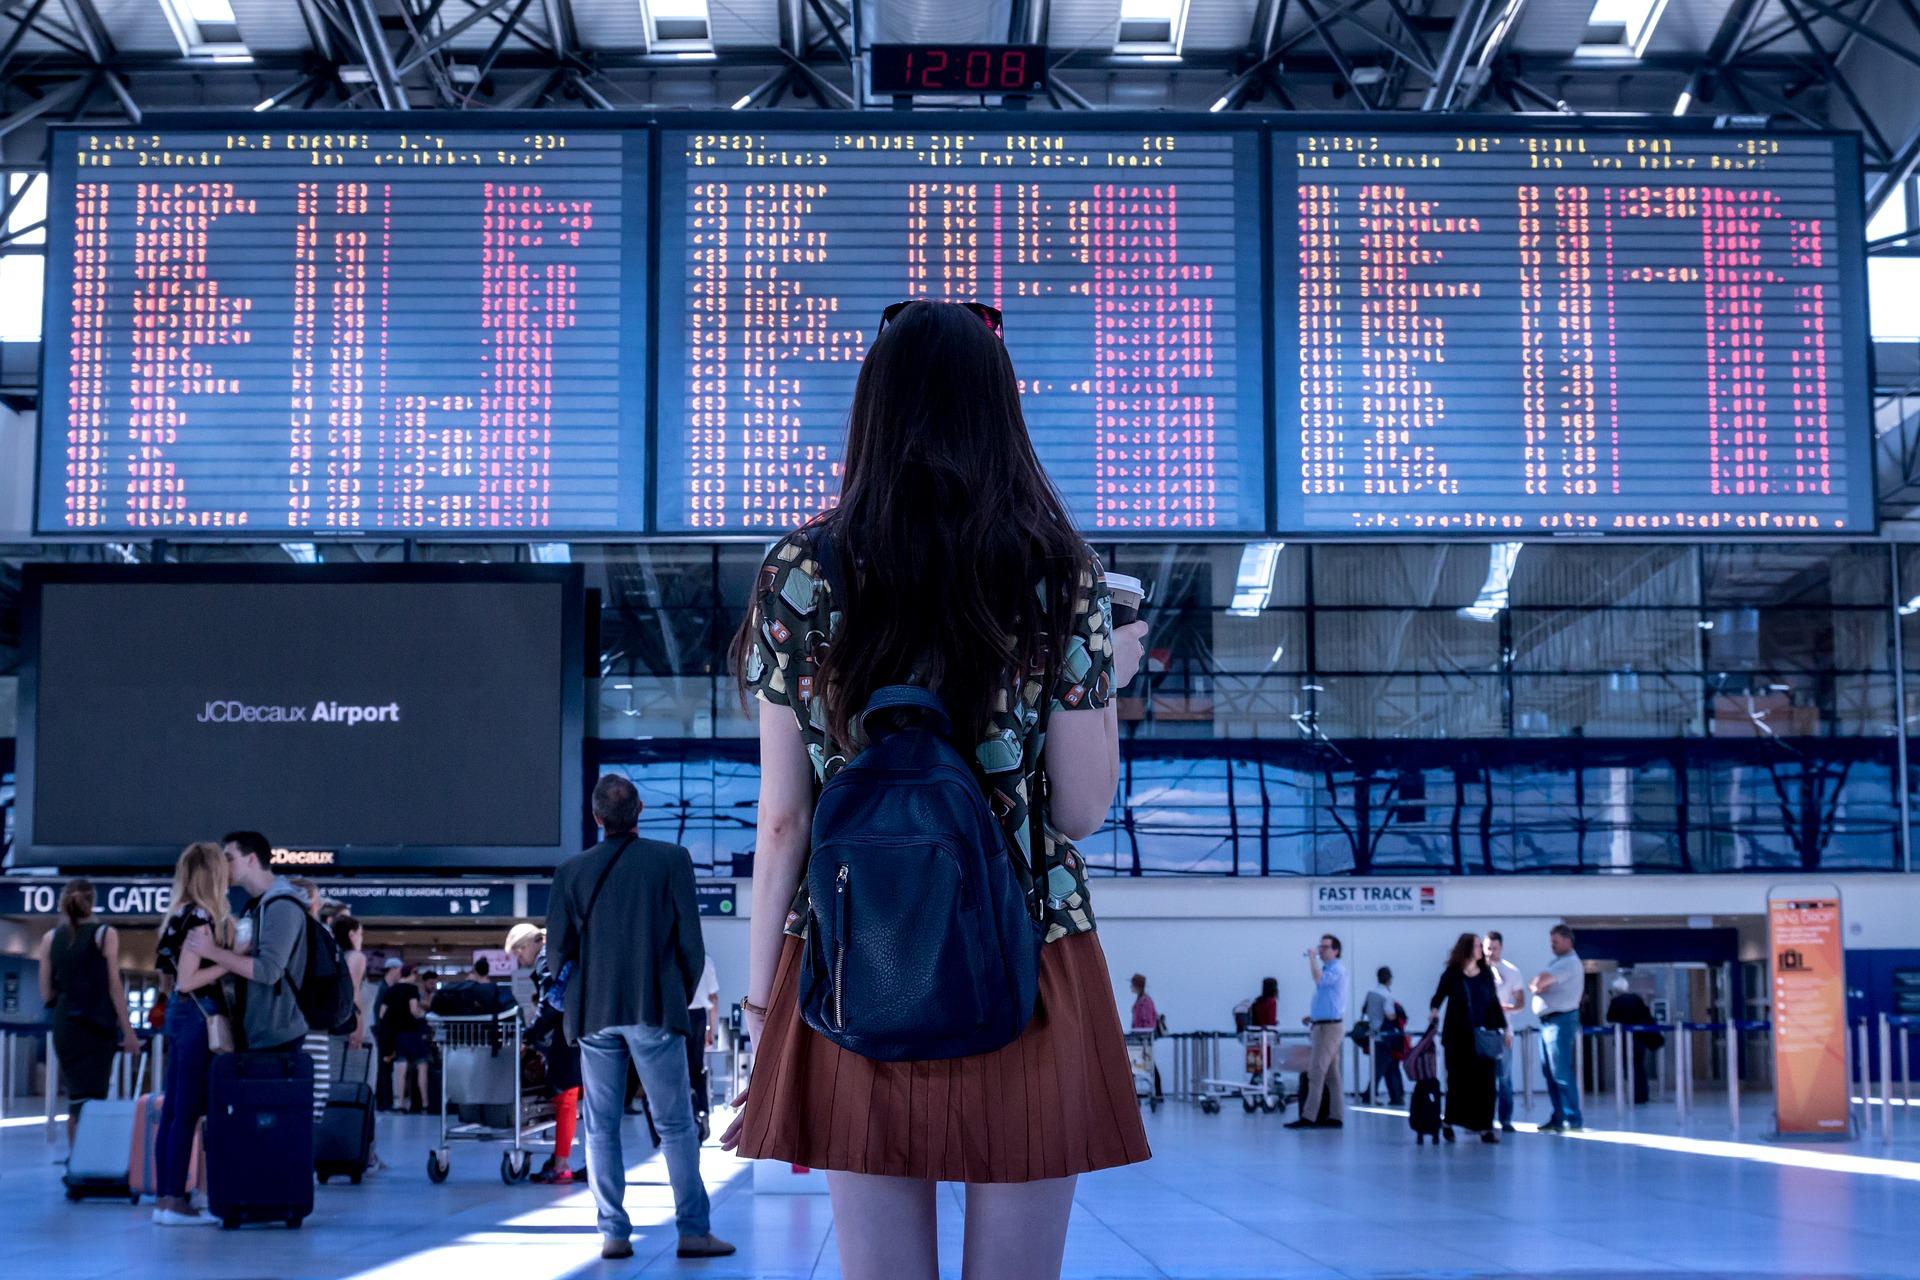 нові маршрути з аеропортів